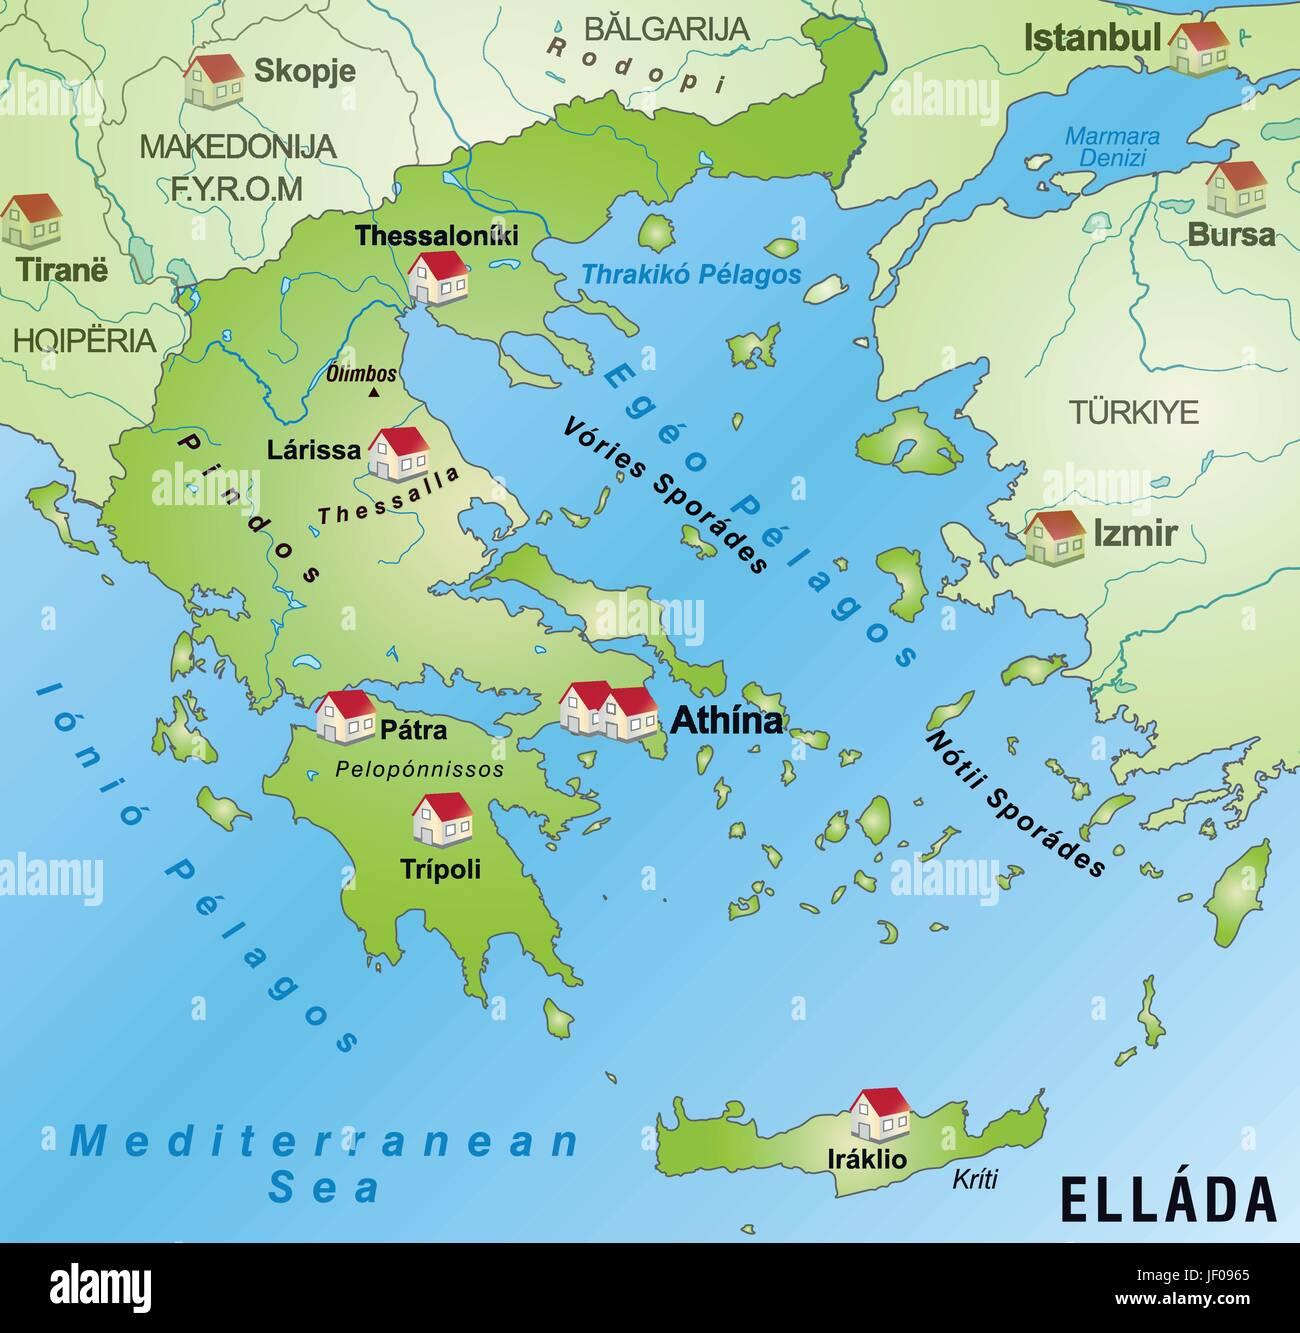 Greece border card synopsis borders atlas map of the world greece border card synopsis borders atlas map of the world map gumiabroncs Gallery